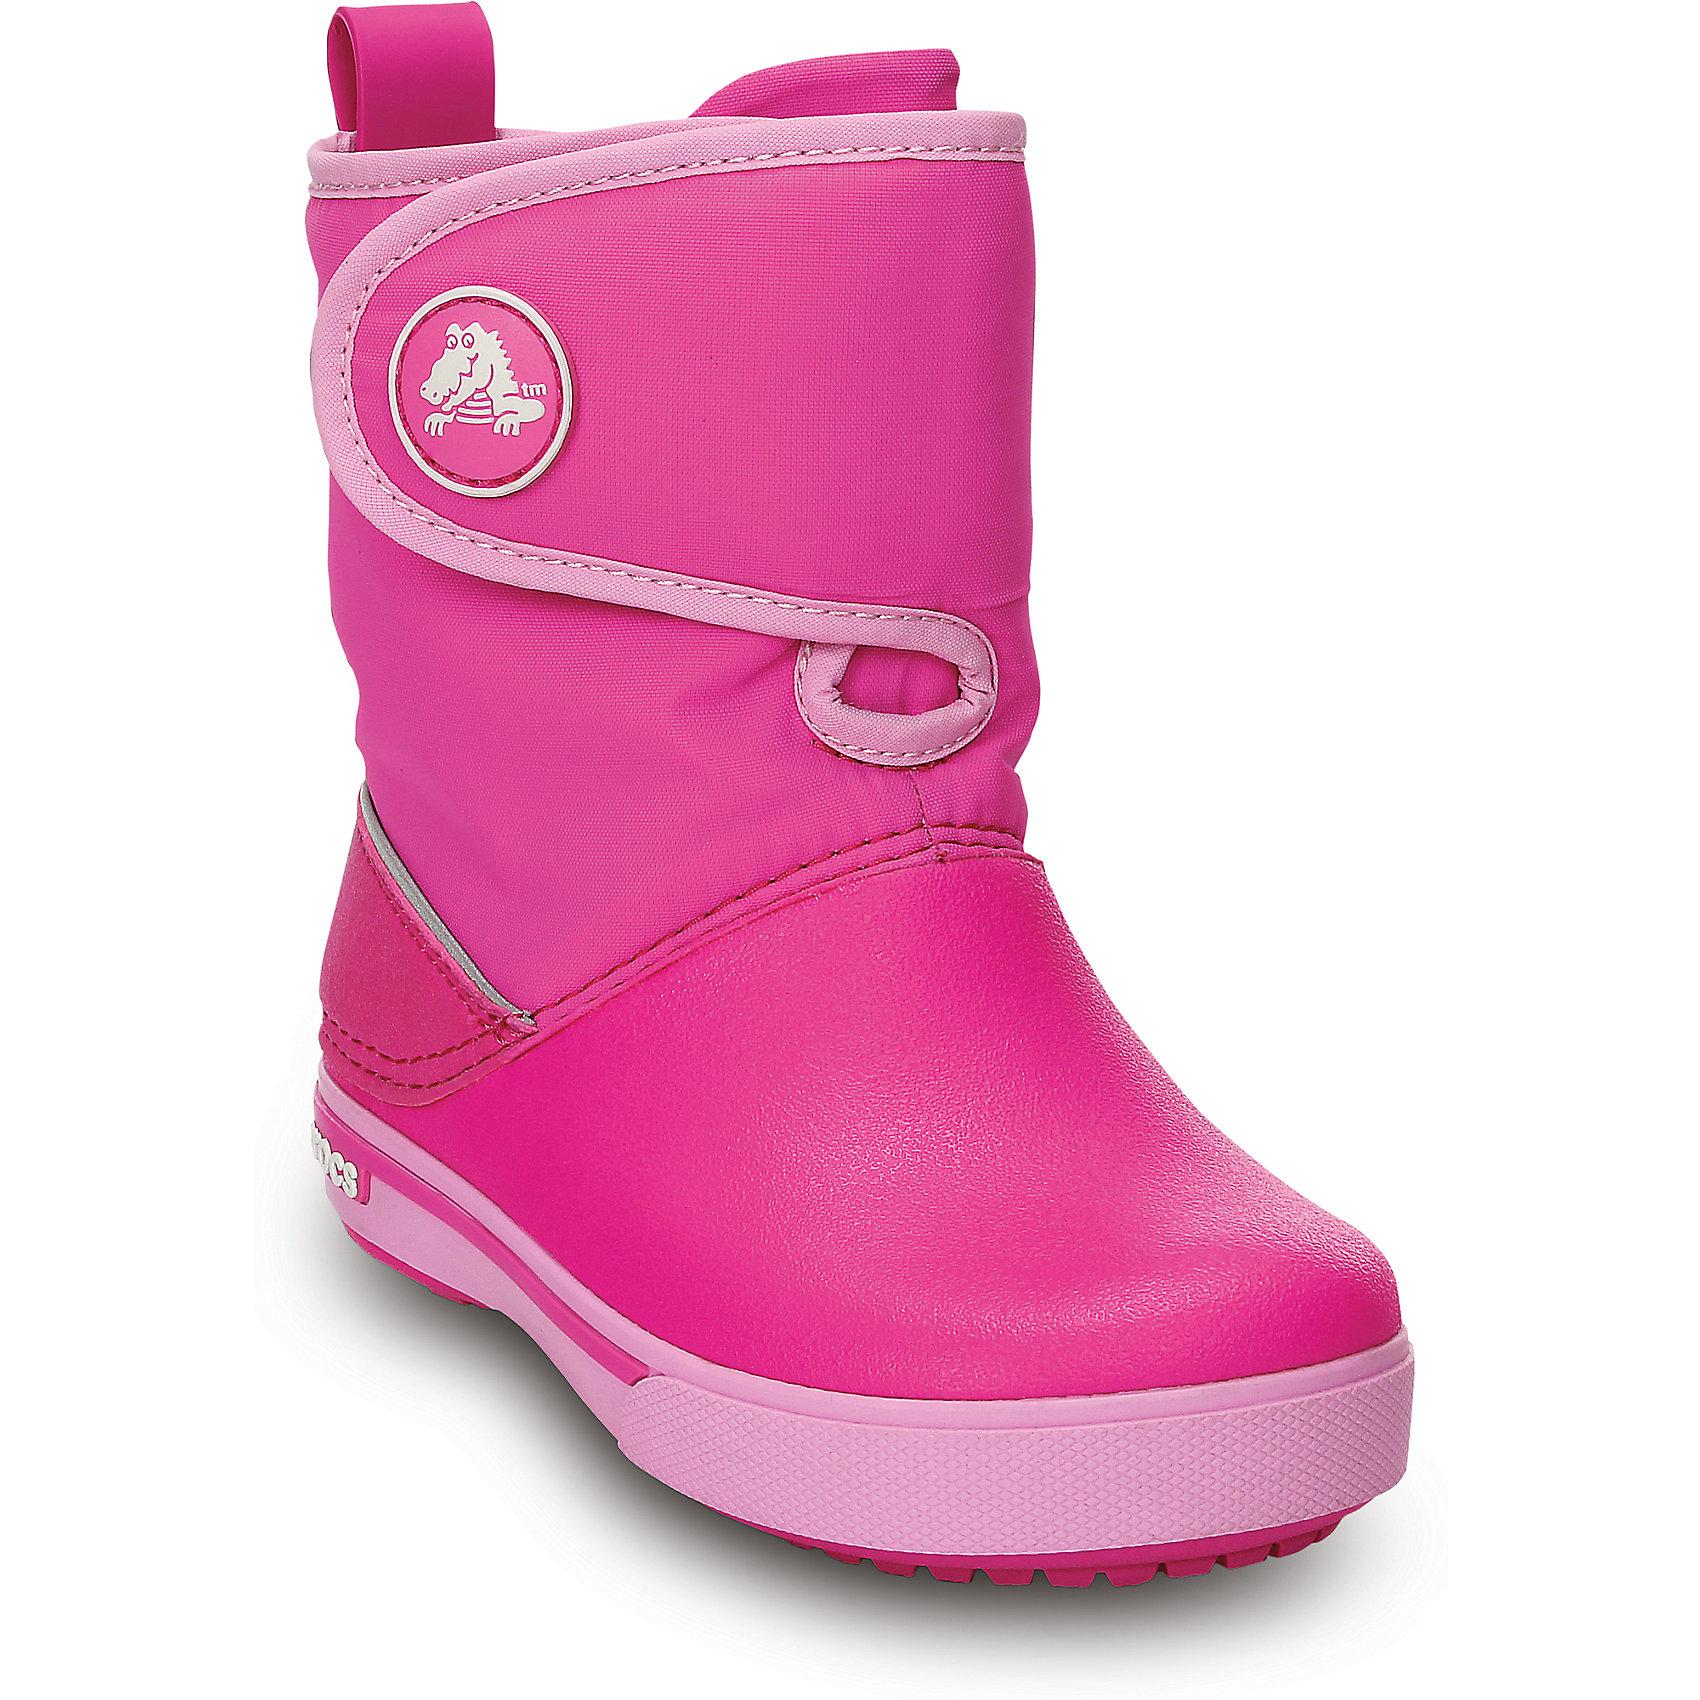 Сапоги Crocband Gust Boot  для девочки CrocsХарактеристики товара:<br><br>• цвет: розовый<br>• материал: верх - нейлон, низ -100% полимер Croslite™<br>• материал подкладки: текстиль<br>• непромокаемая носочная часть<br>• температурный режим: от -15° до +15° С<br>• легко очищаются<br>• антискользящая подошва<br>• застежка: липучка<br>• толстая устойчивая подошва<br>• страна бренда: США<br>• страна изготовитель: Китай<br><br>Сапоги могут быть и стильными, и теплыми! Для детской обуви крайне важно, чтобы она была удобной. Такие сапоги обеспечивают детям необходимый комфорт, а теплая подкладка создает особый микроклимат. Сапоги легко надеваются и снимаются, отлично сидят на ноге. Материал, из которого они сделаны, не дает размножаться бактериям, поэтому такая обувь препятствует образованию неприятного запаха и появлению болезней стоп. Данная модель особенно понравится детям - ведь в них можно бегать по лужам!<br>Обувь от американского бренда Crocs в данный момент завоевала широкую популярность во всем мире, и это не удивительно - ведь она невероятно удобна. Её носят врачи, спортсмены, звёзды шоу-бизнеса, люди, которым много времени приходится бывать на ногах - они понимают, как важна комфортная обувь. Продукция Crocs - это качественные товары, созданные с применением новейших технологий. Обувь отличается стильным дизайном и продуманной конструкцией. Изделие производится из качественных и проверенных материалов, которые безопасны для детей.<br><br>Сапоги от торговой марки Crocs можно купить в нашем интернет-магазине.<br><br>Ширина мм: 257<br>Глубина мм: 180<br>Высота мм: 130<br>Вес г: 420<br>Цвет: розовый<br>Возраст от месяцев: 132<br>Возраст до месяцев: 144<br>Пол: Женский<br>Возраст: Детский<br>Размер: 34/35,26,31/32,33/34<br>SKU: 4235584